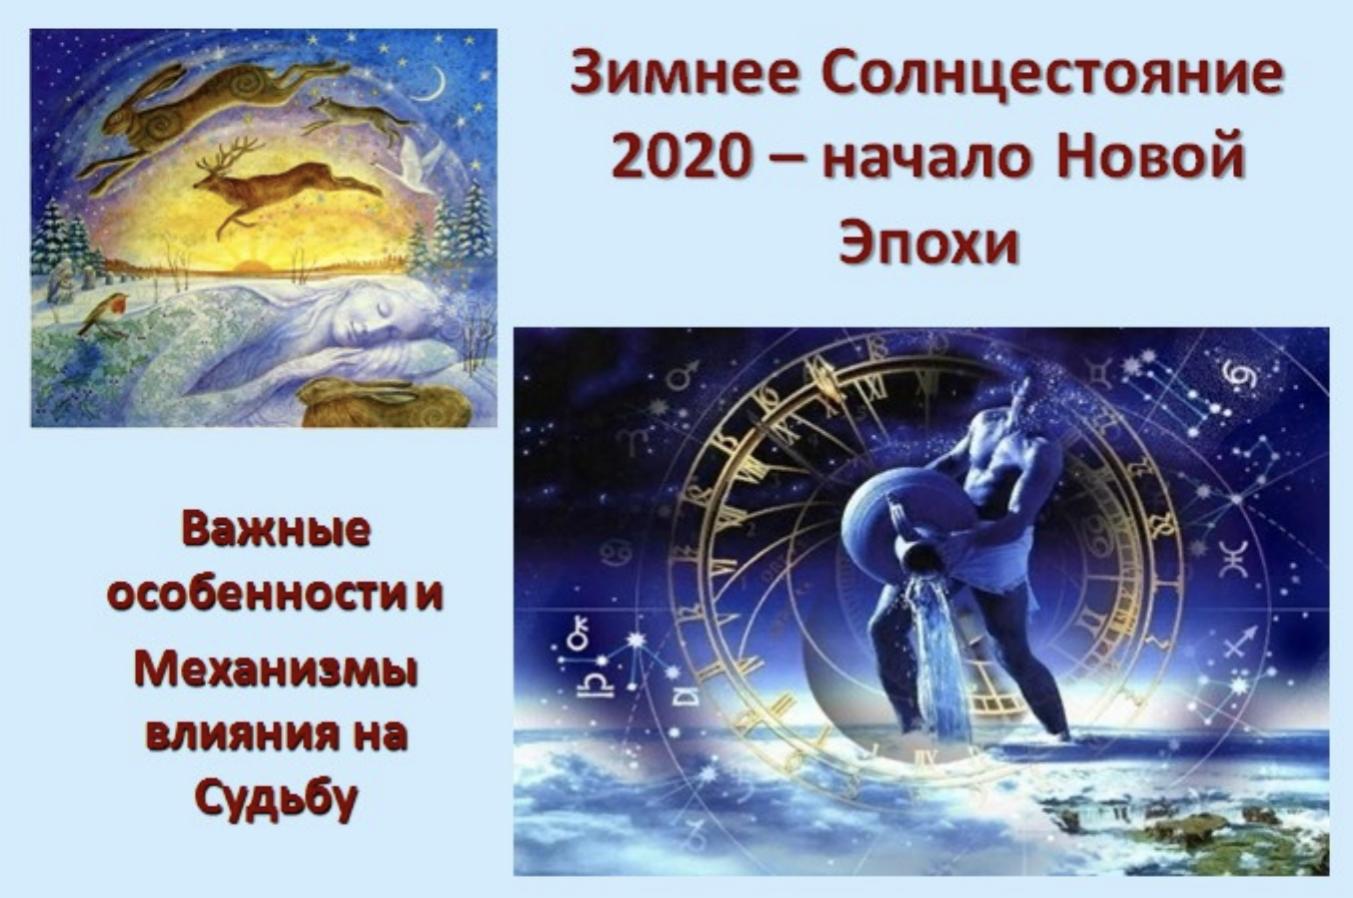 Зимнее Солнцестояние 2020 – начало Новой Эпохи